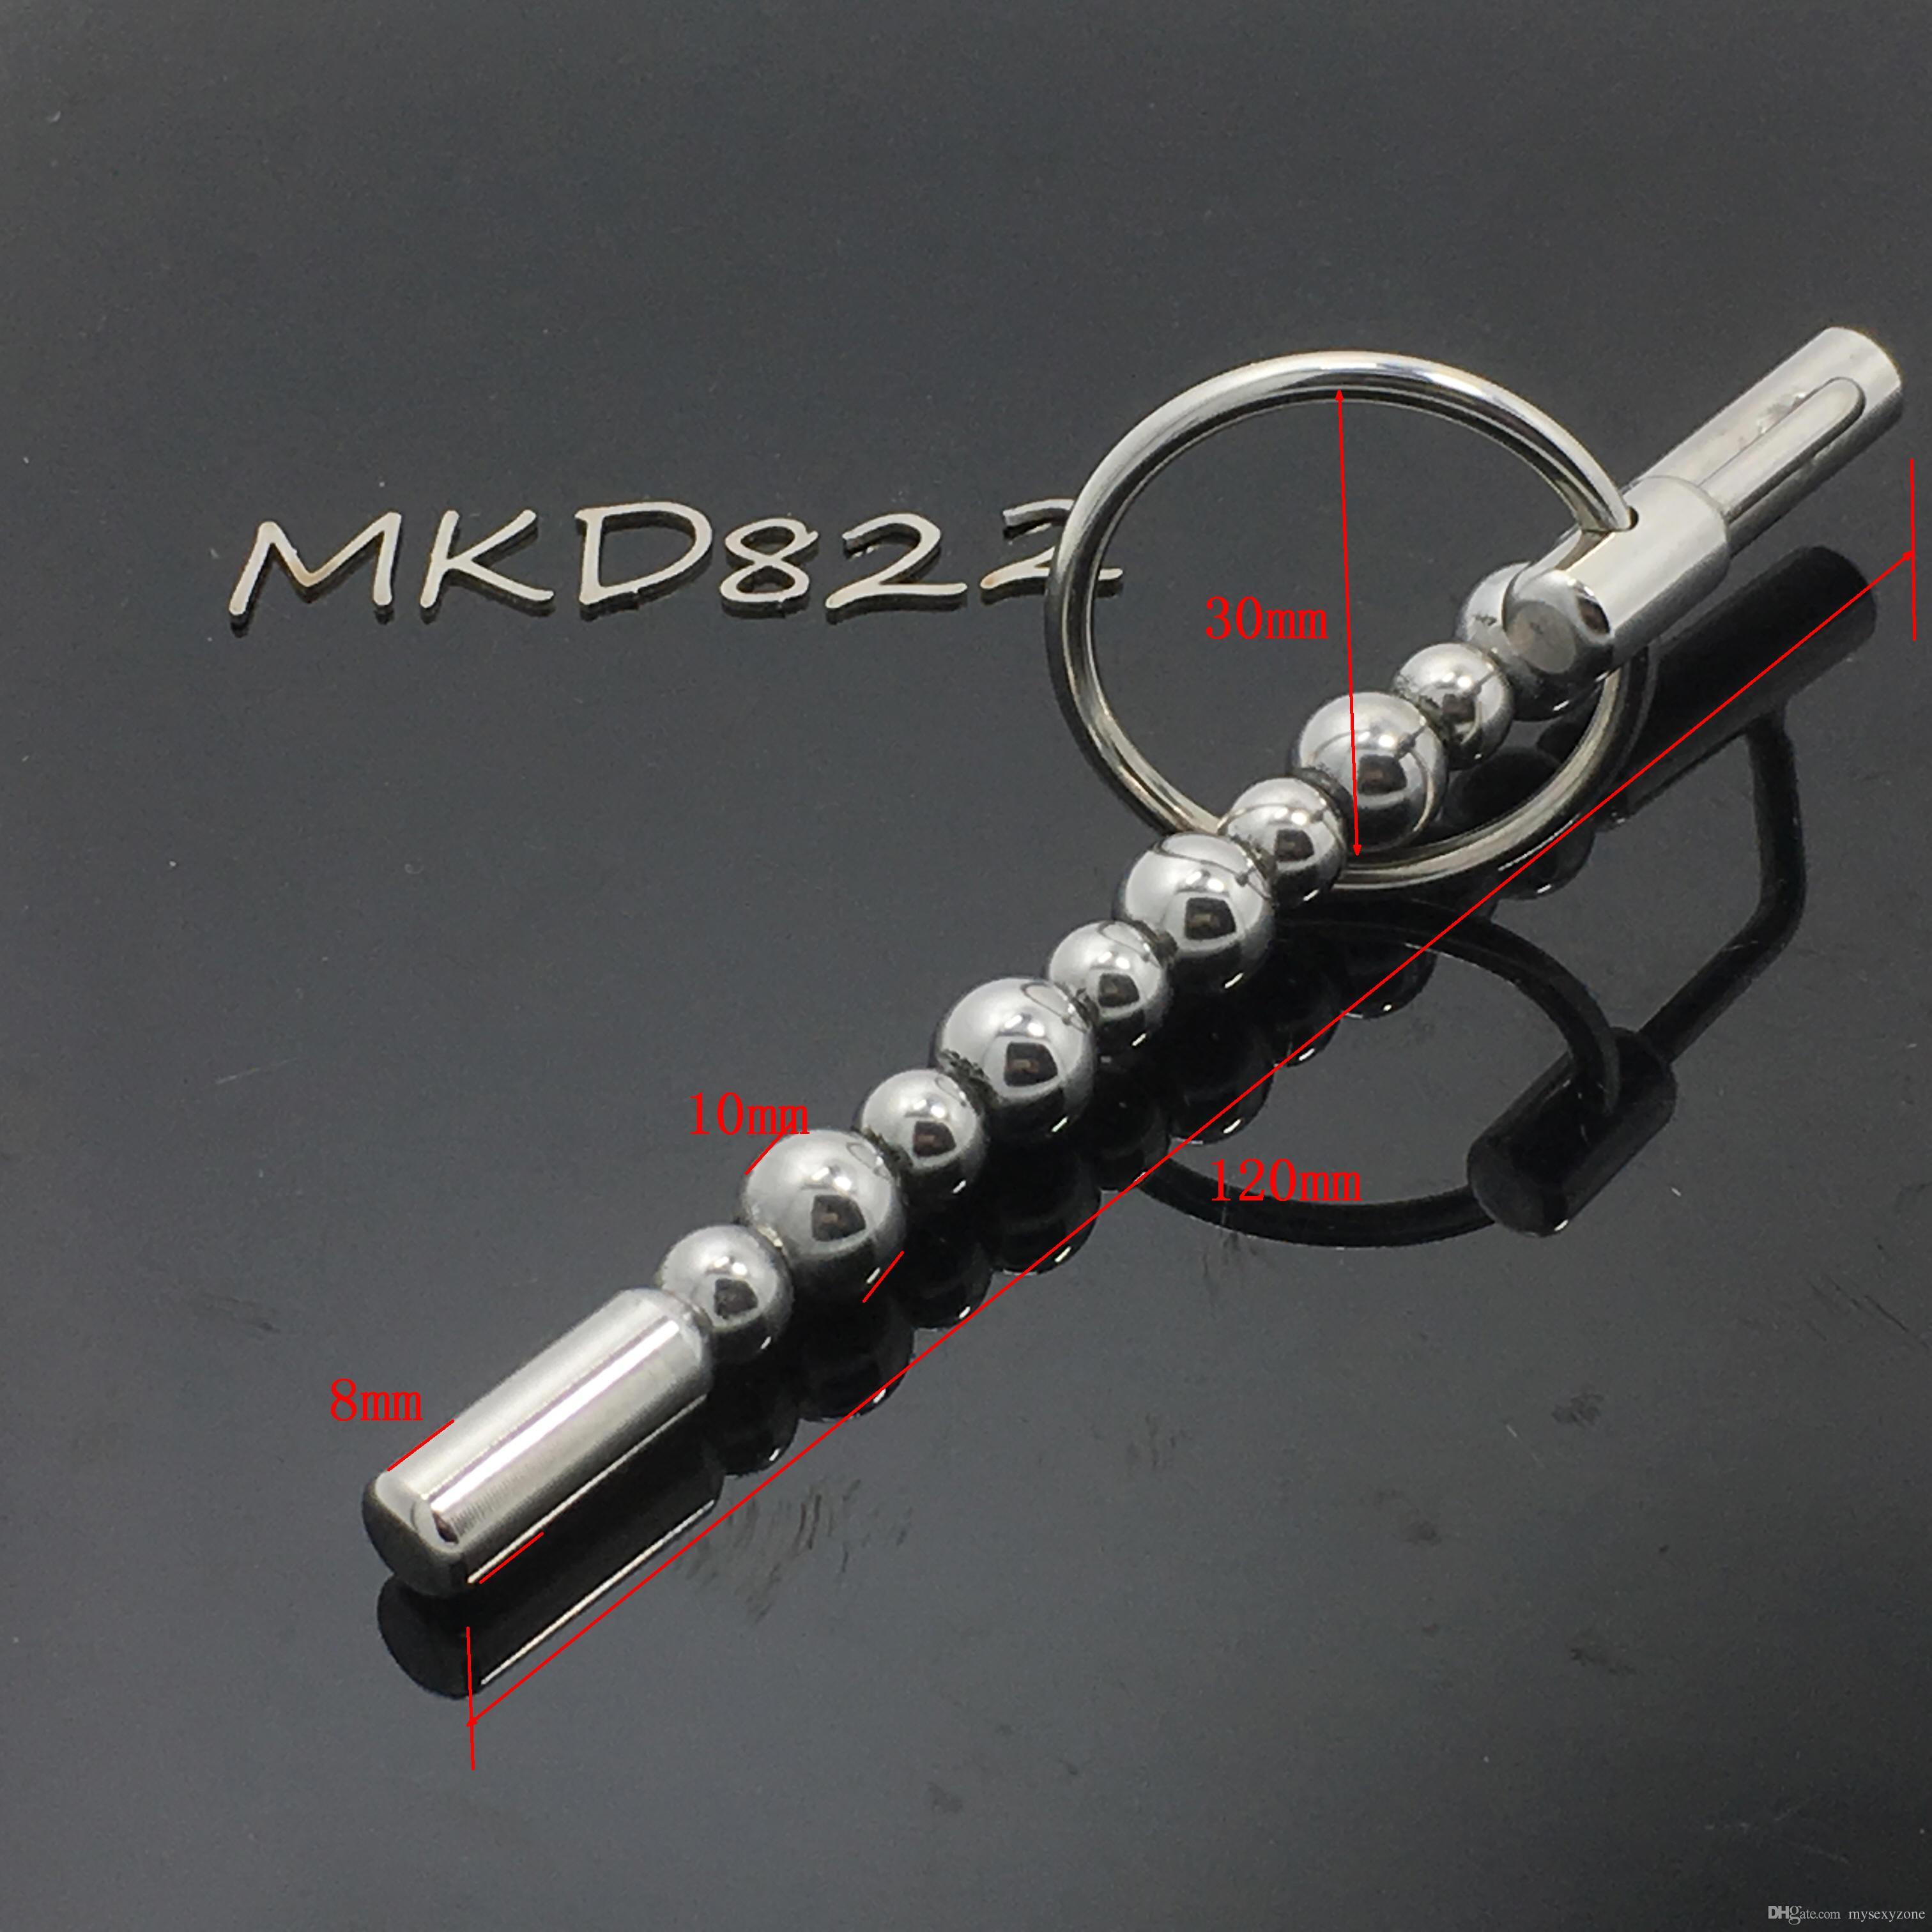 Нержавеющая сталь выскакивают пузыри уретры звуки уретры пенис штекер звучание секс-игрушки звук CBT игрушки уретры мастурбация для взрослых продукты MKD822